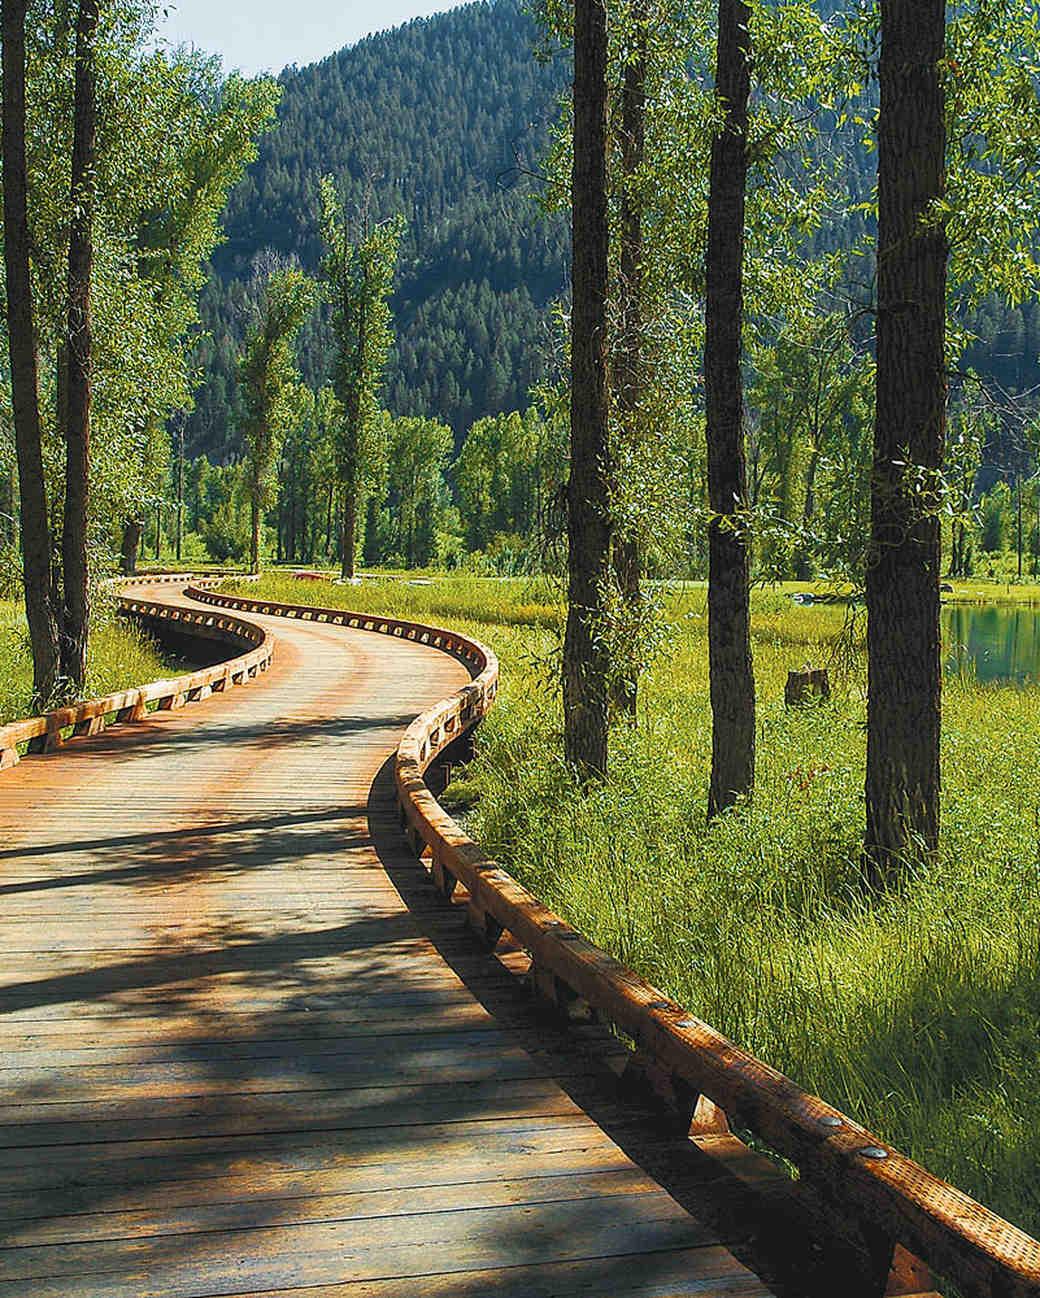 wyoming snake river